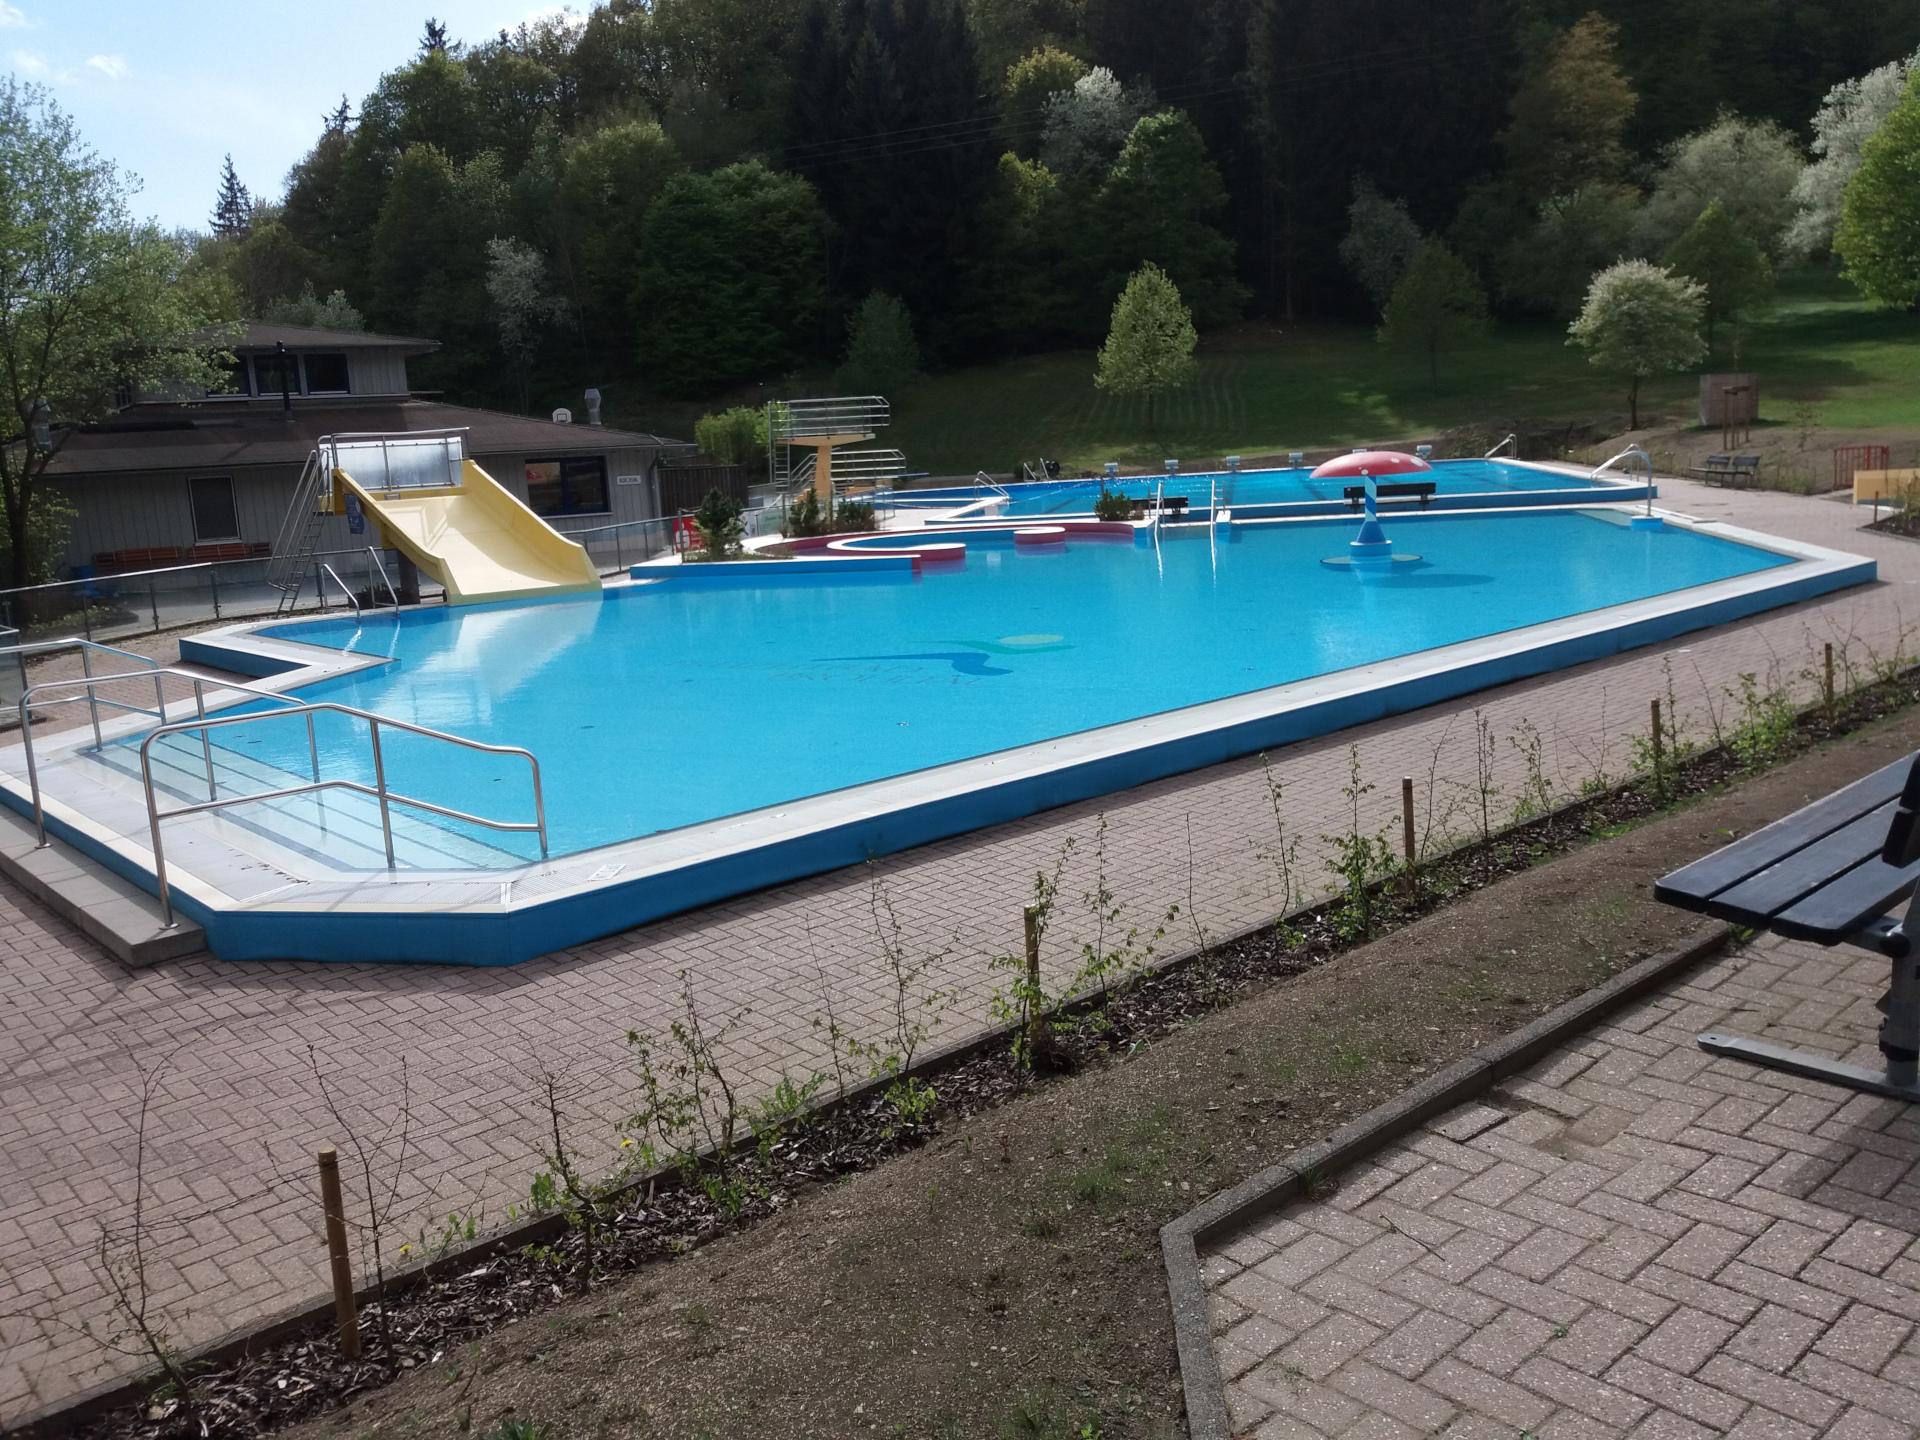 FWG-Brohltal-Freiwillige-gesucht-Freizeitbad-Brohltal-2019